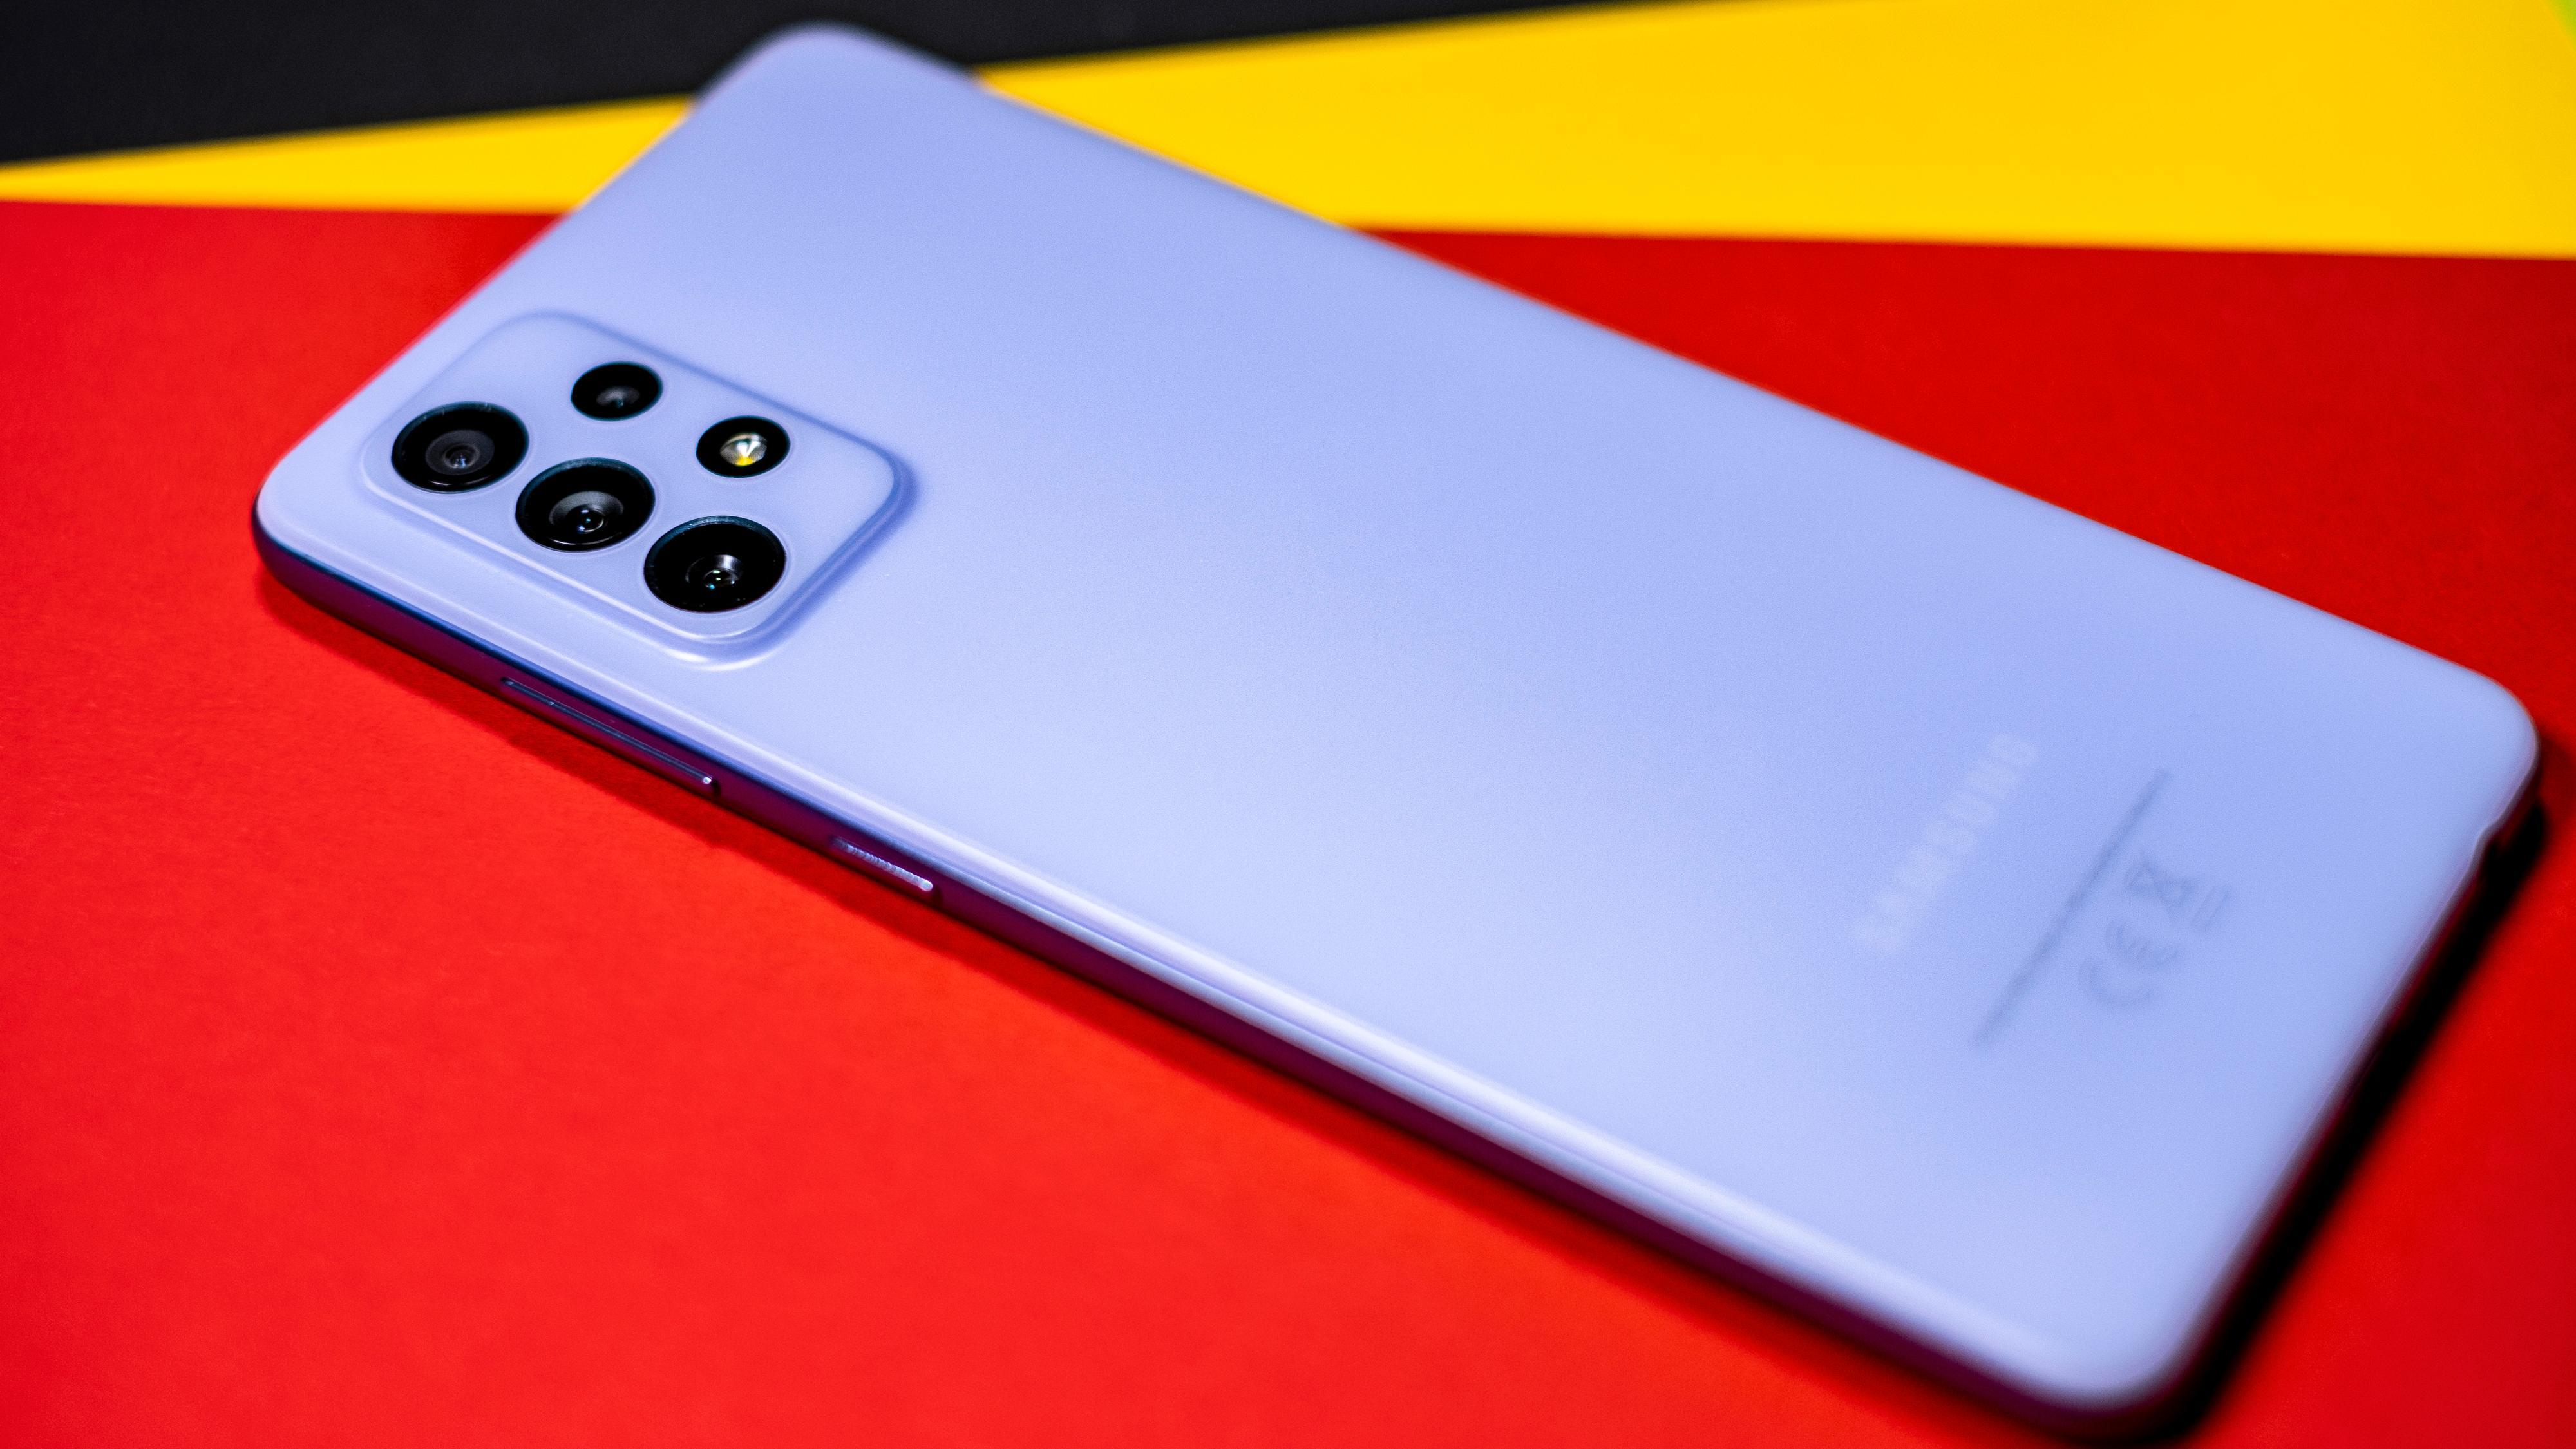 Farger er tingen med den nye Galaxy A-serien. Både A52 og A72 kommer i spennende fargealternativ du sjelden ser toppmodeller i.